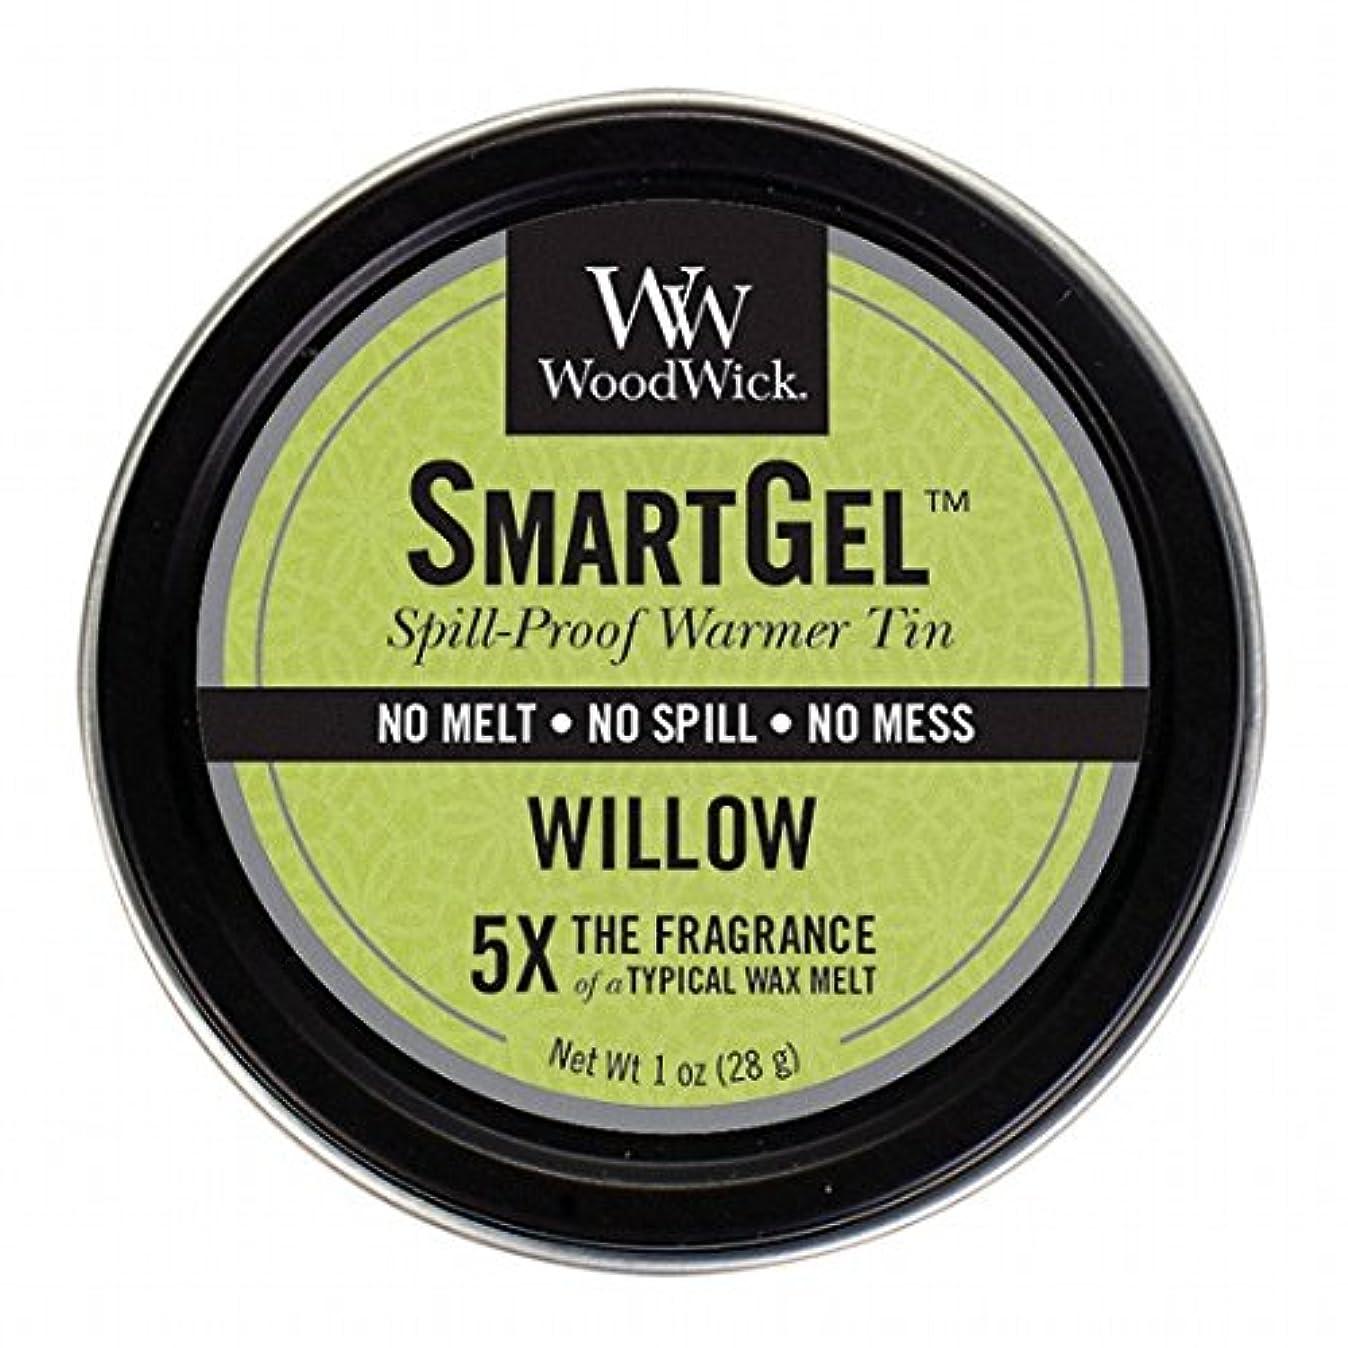 行政卑しい安息WoodWick(ウッドウィック) Wood Wickスマートジェル 「 ウィロー 」W9630525(W9630525)